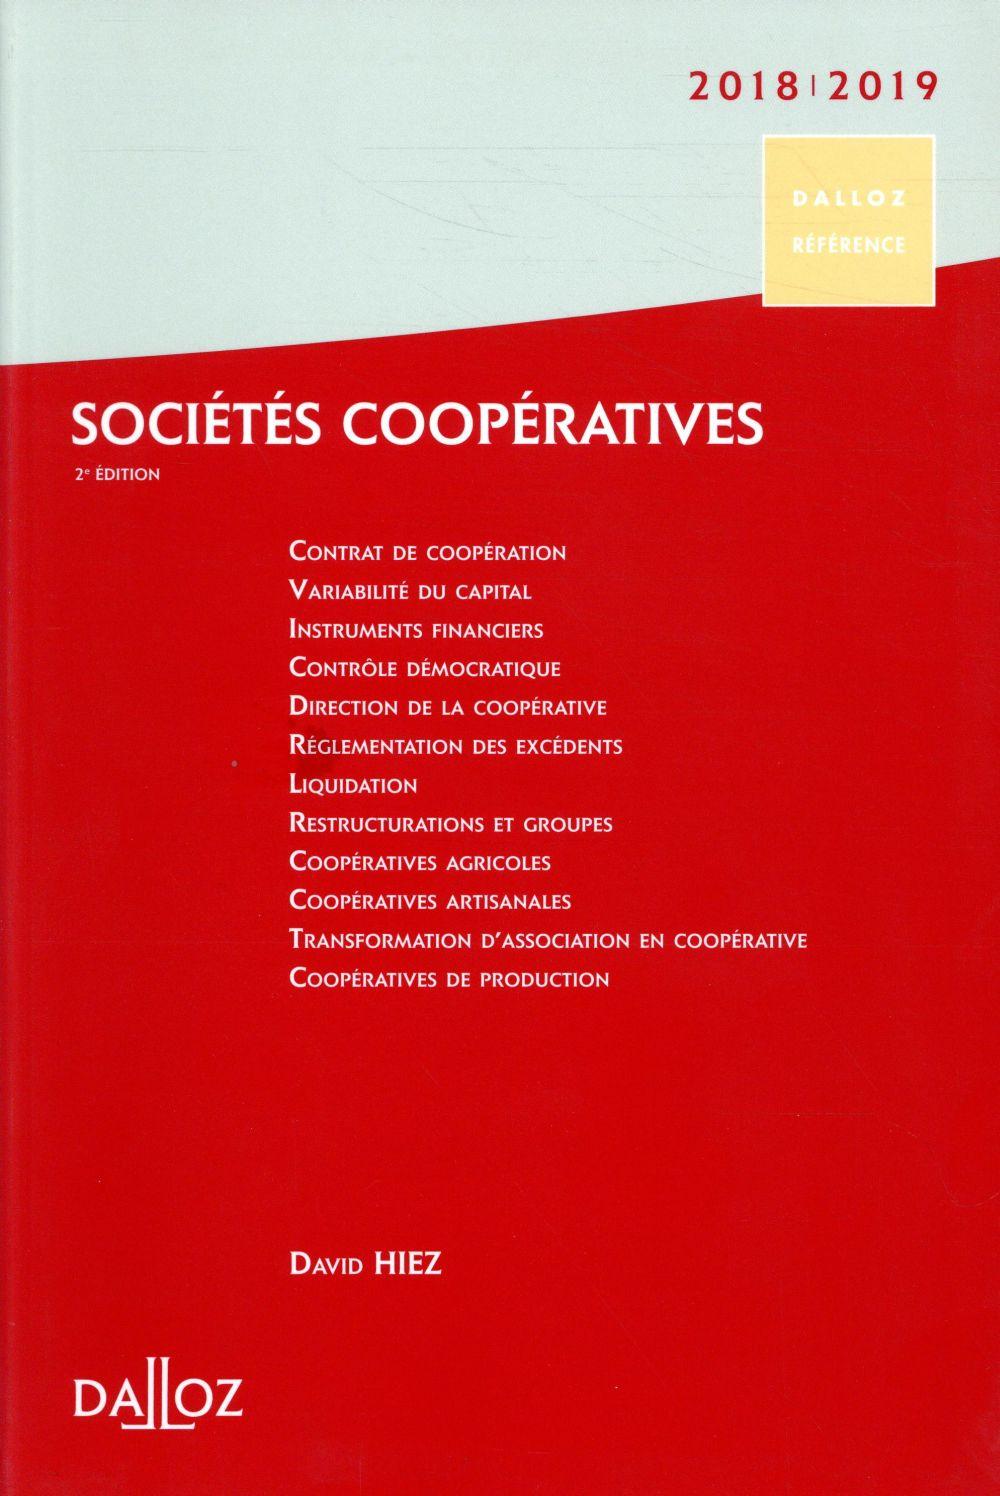 Sociétés coopératives ; création, organisation, fonctionnement (édition 2018/2019)